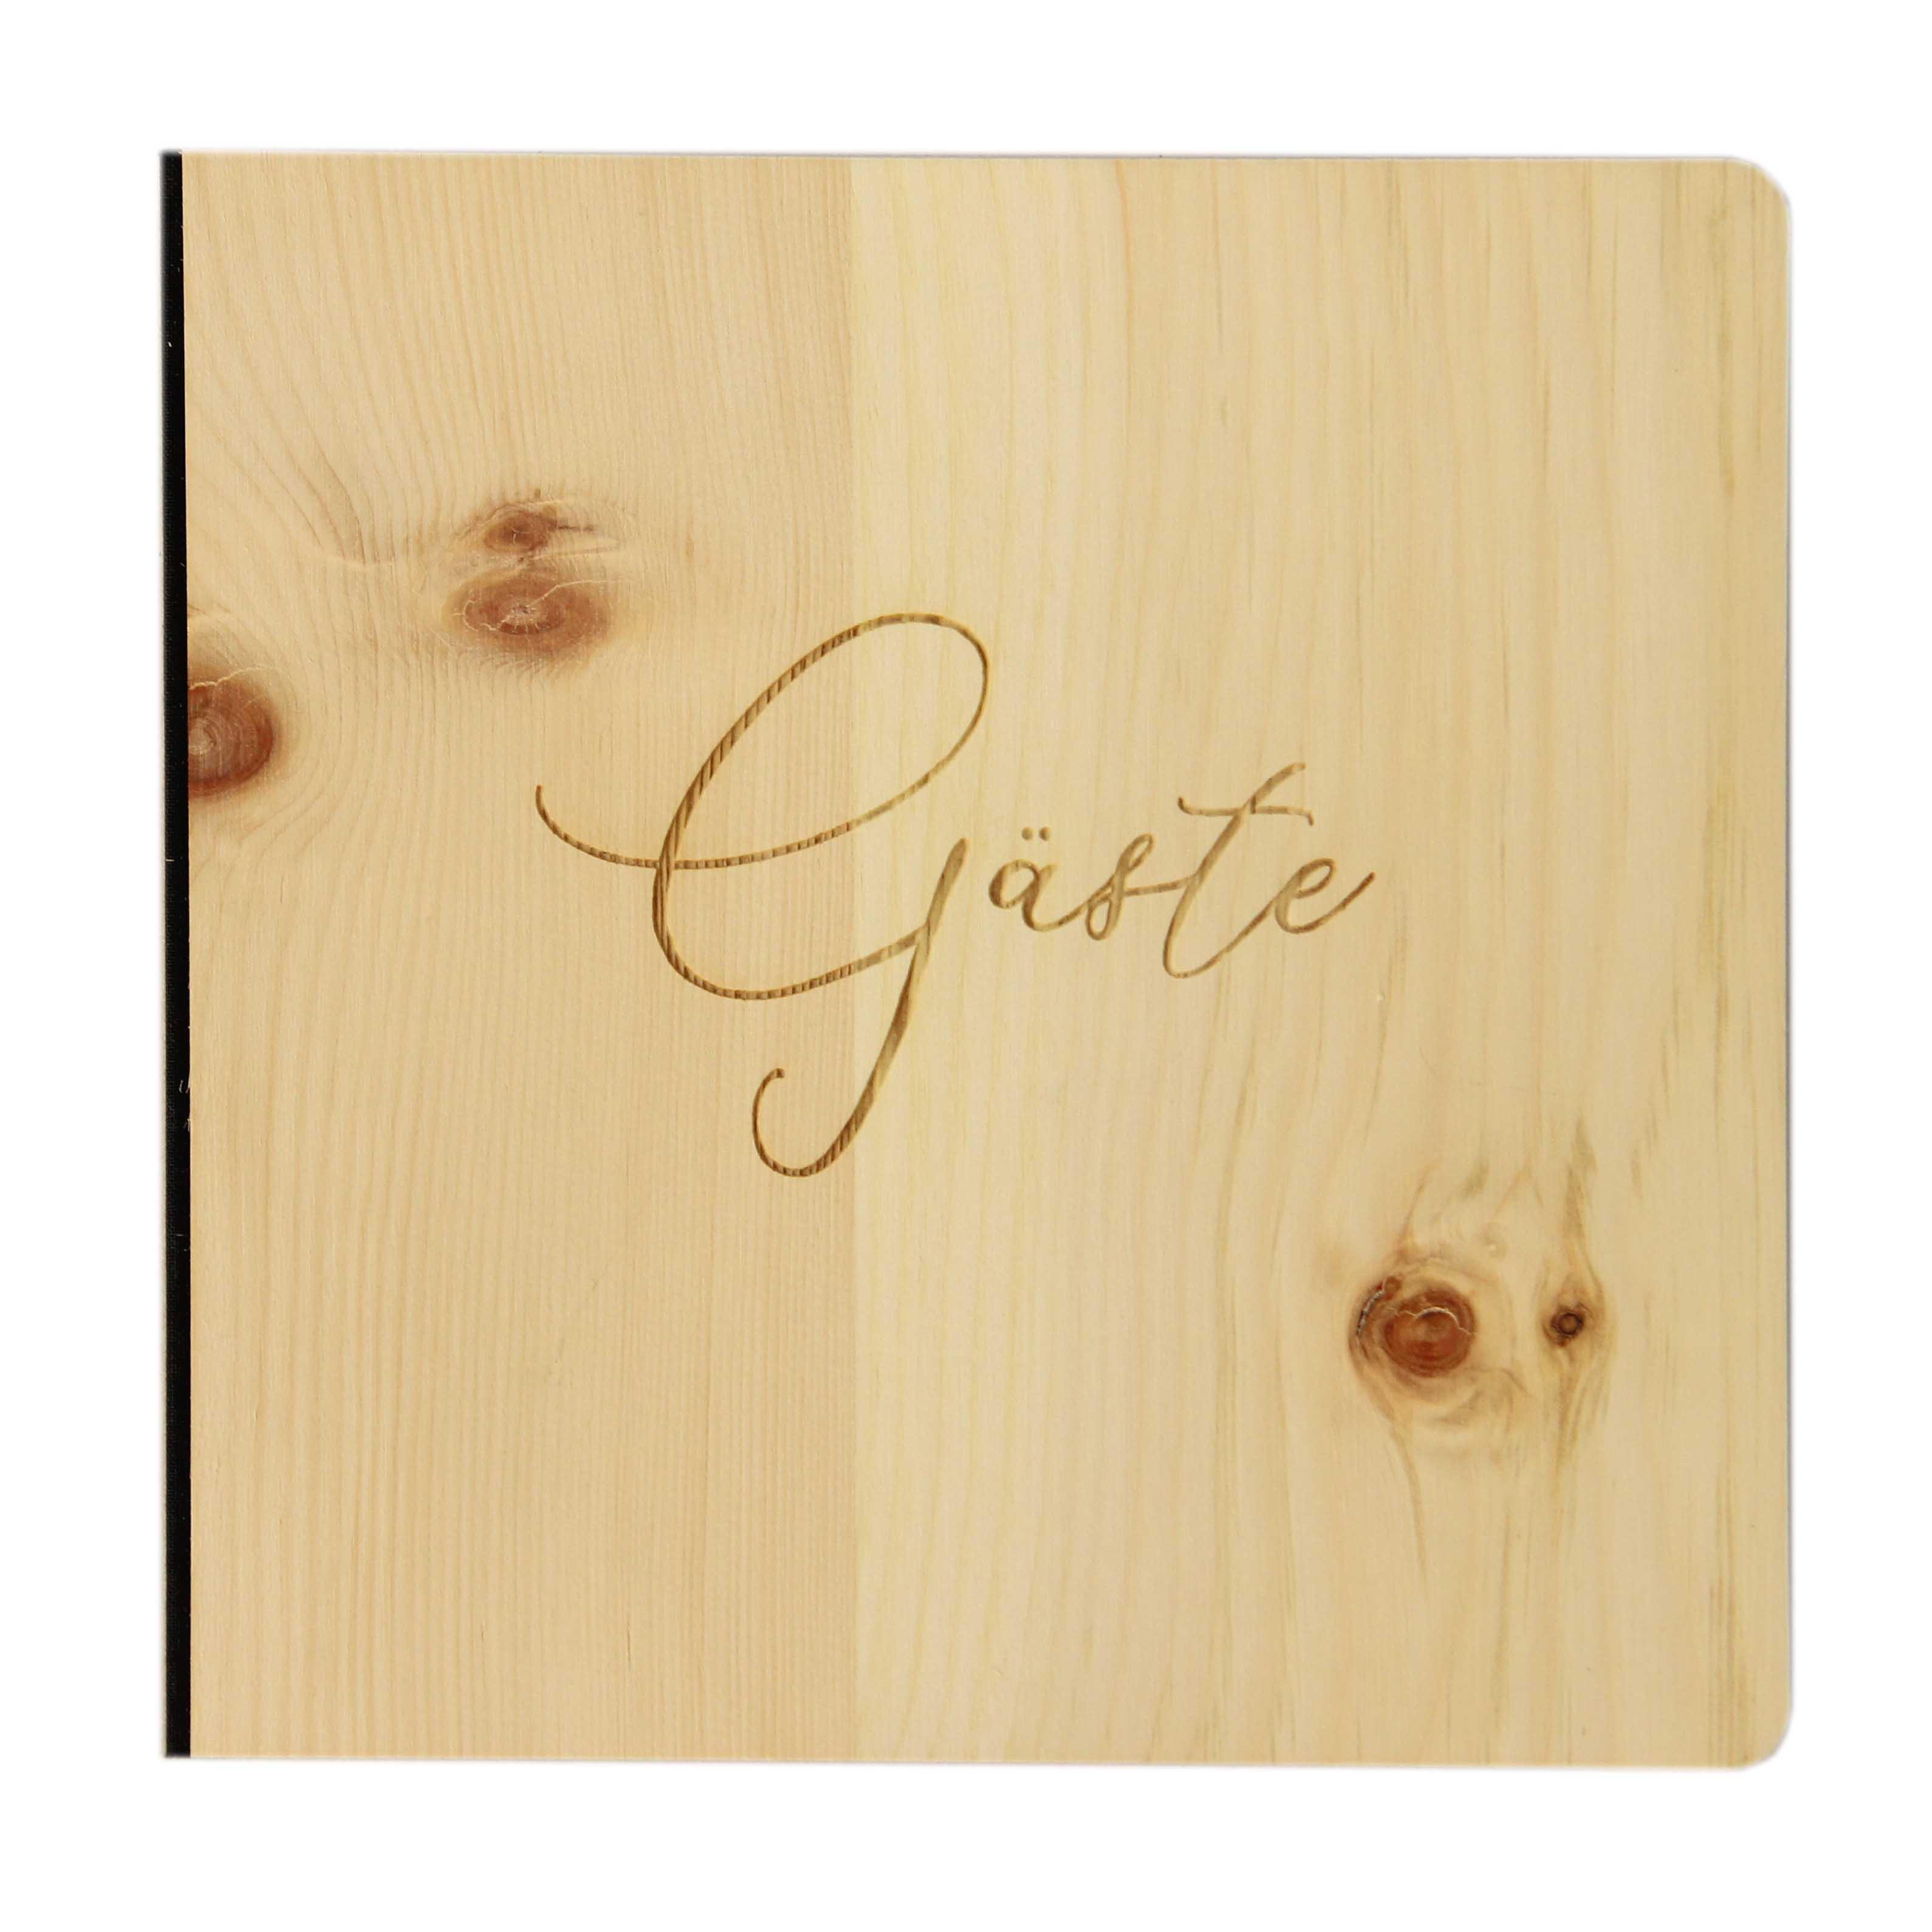 """Holz Gästebuch mit eingraviertem Schriftzug """"Gäste"""", Fotoalbum und Stammbuch für verschiedene Anlässe, bestehend aus Echtholz, Zirbenholzcover"""